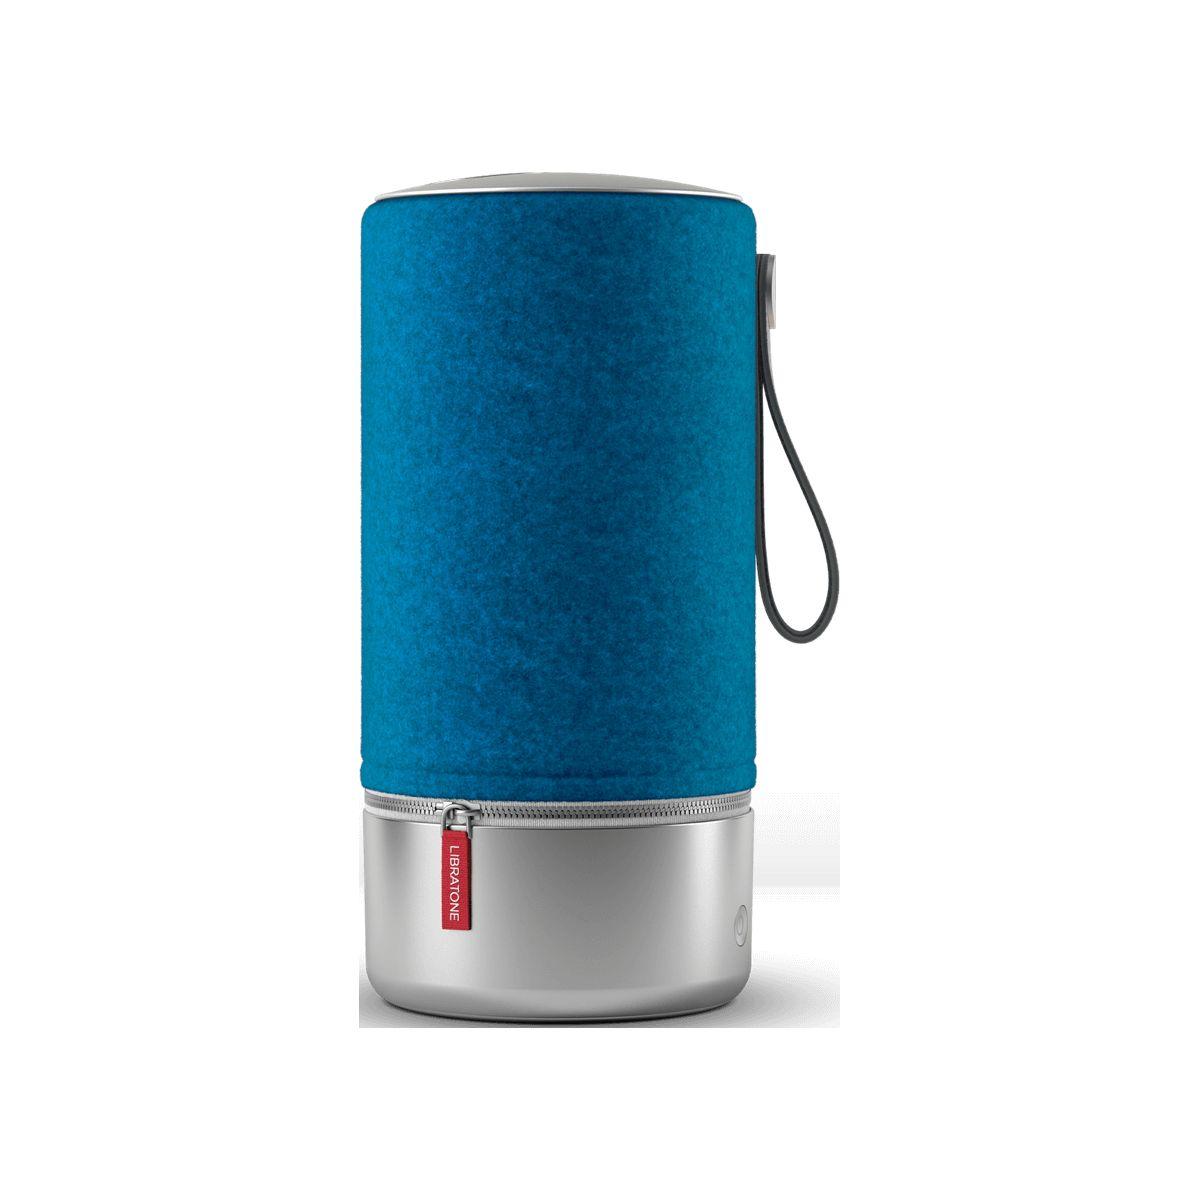 Enceinte Bluetooth LIBRATONE Zipp Copenhagen Bleu et Aluminium